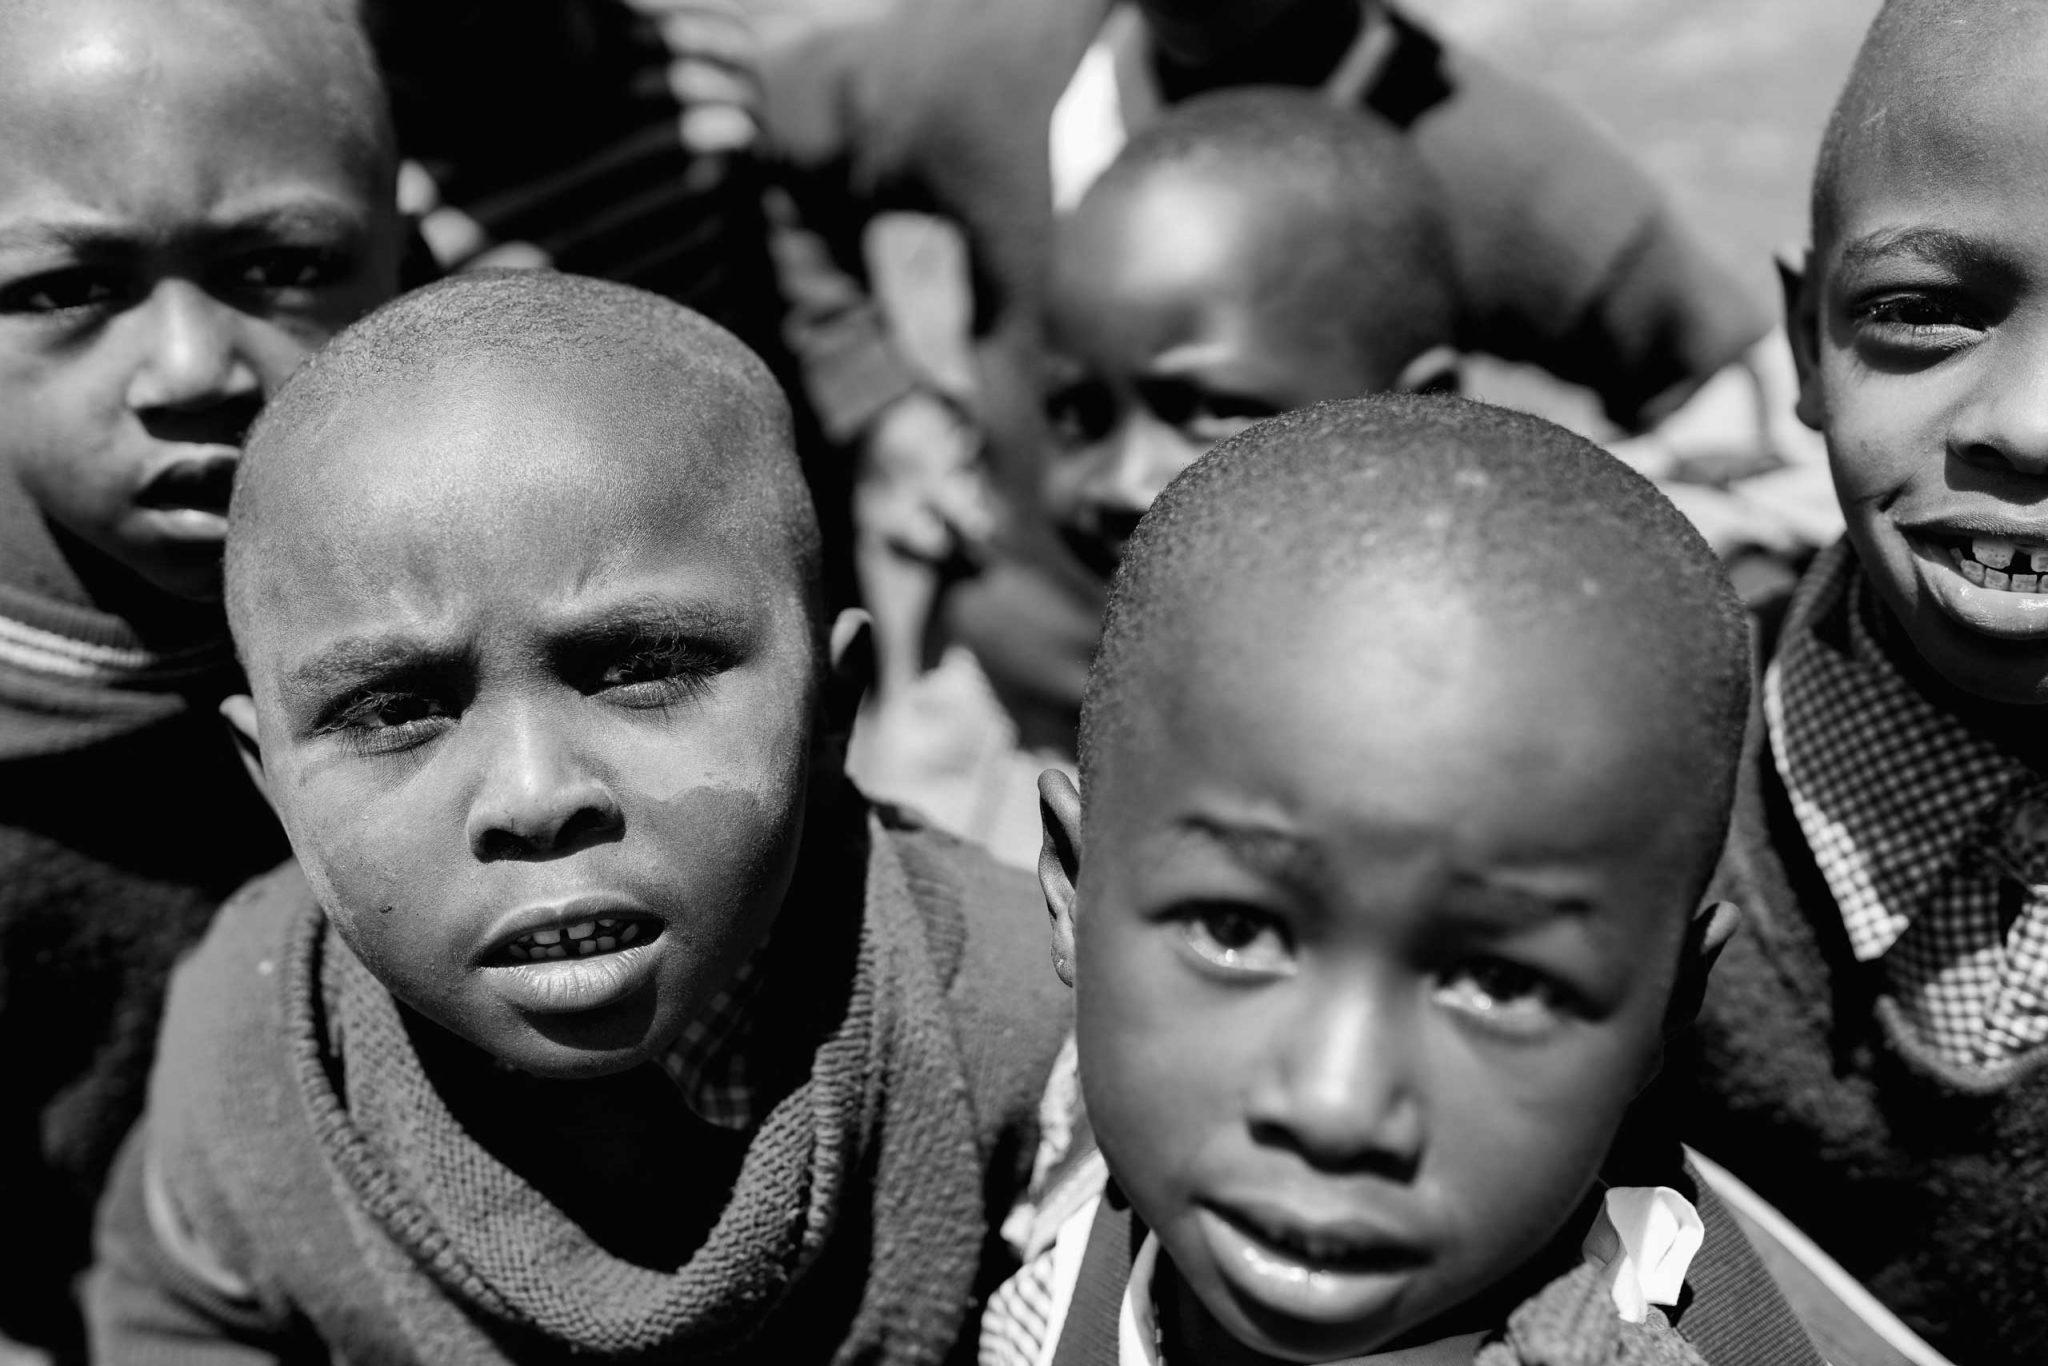 Ilsoo_van_Dijk_Ilsoovandijk_Kenya_The_Raindance_Project_2019_14